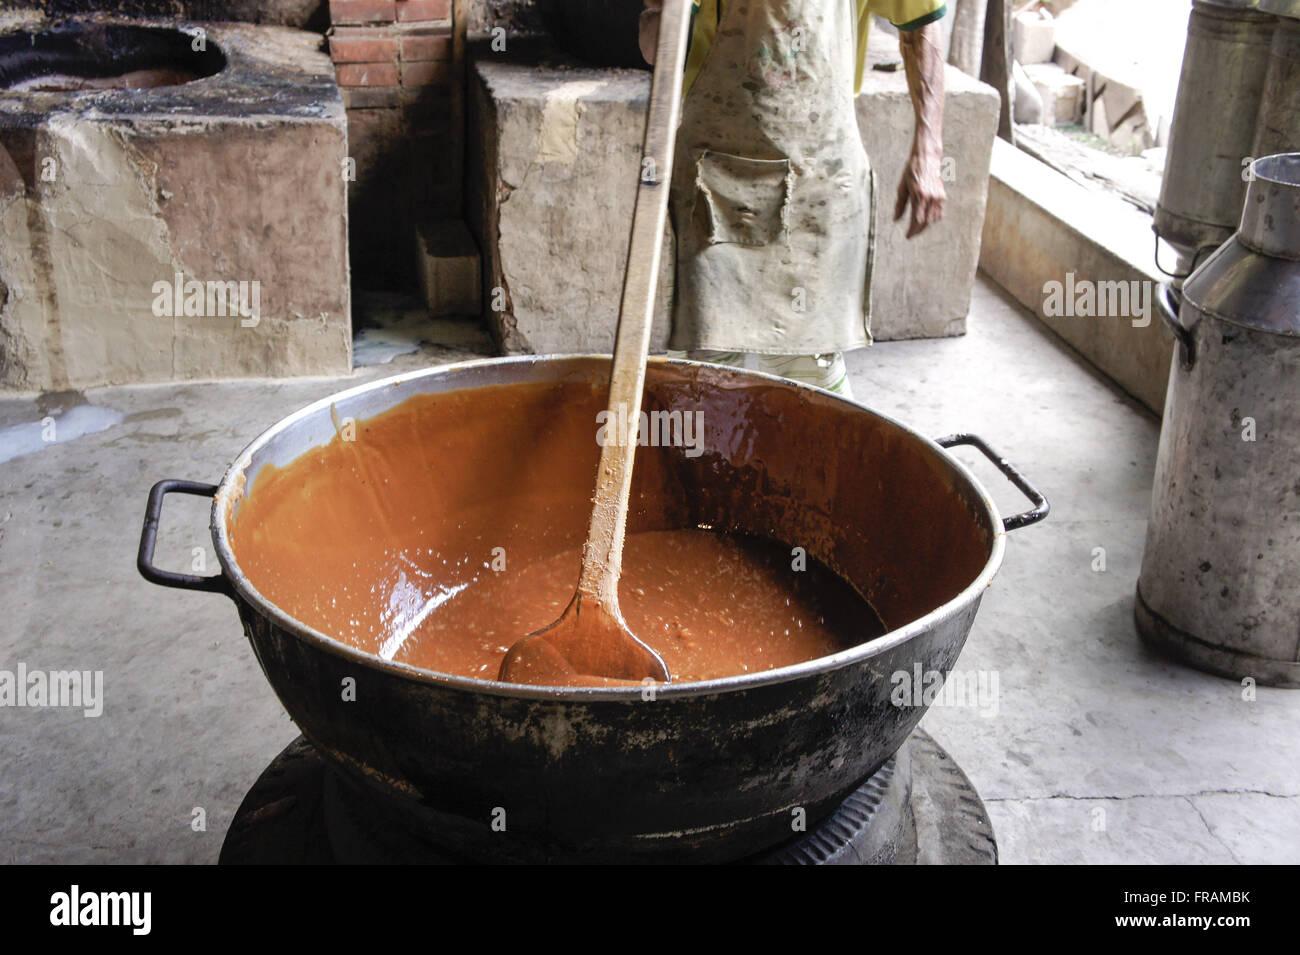 Fabricación de dulce de leche casero Imagen De Stock